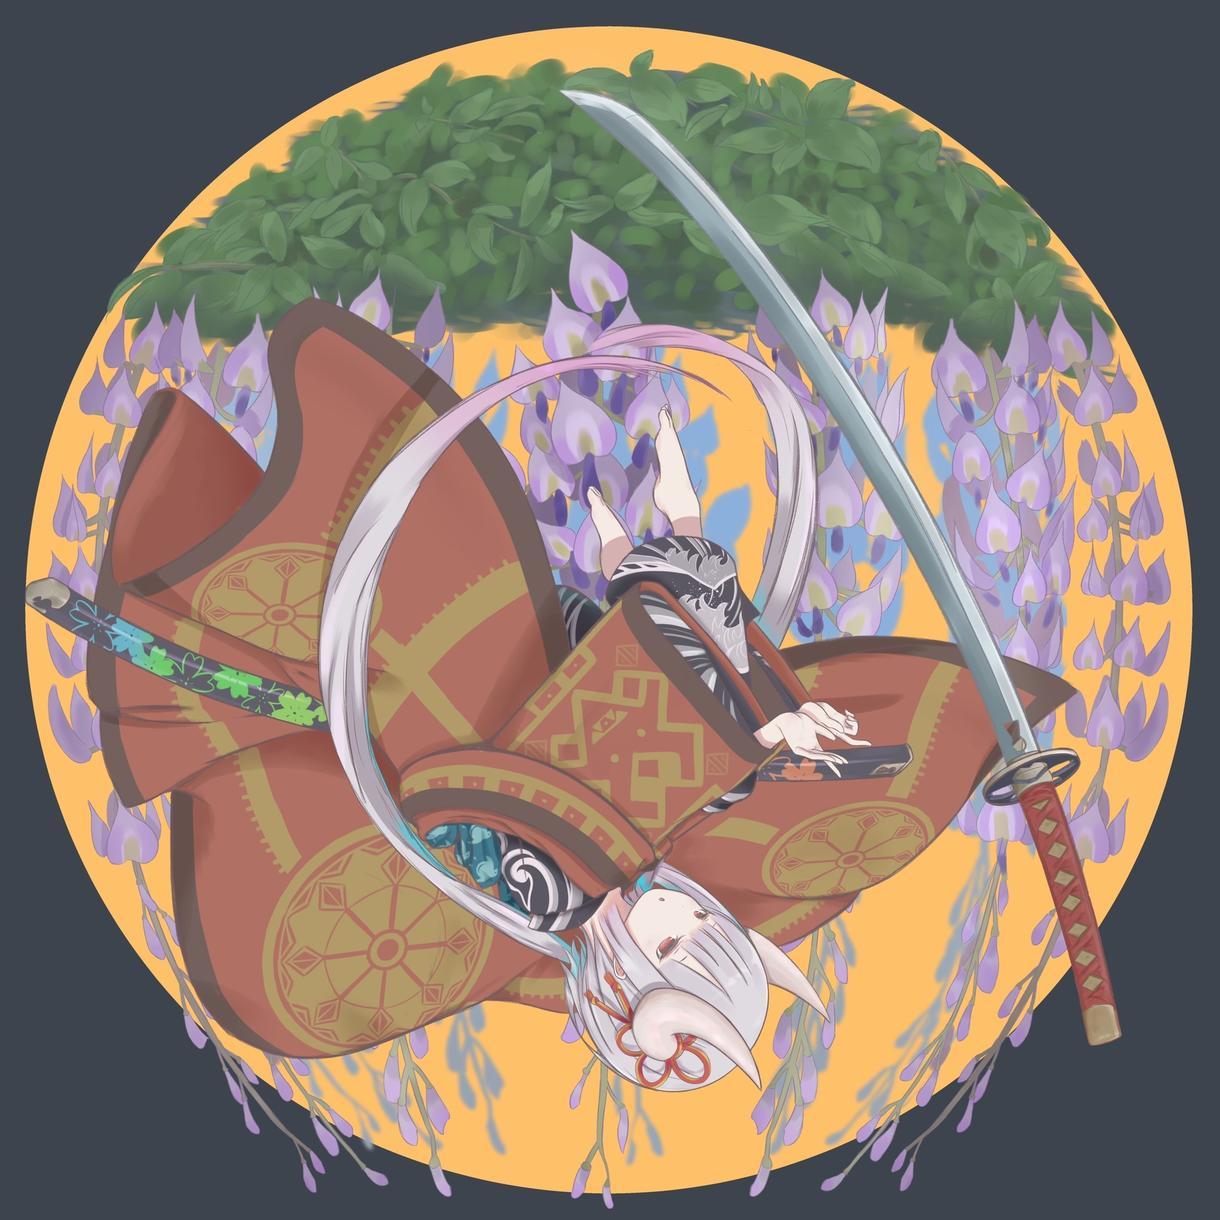 和風、ファンタジー系イラストのご依頼承ります どこか非日常な絵を描かせていただきます。